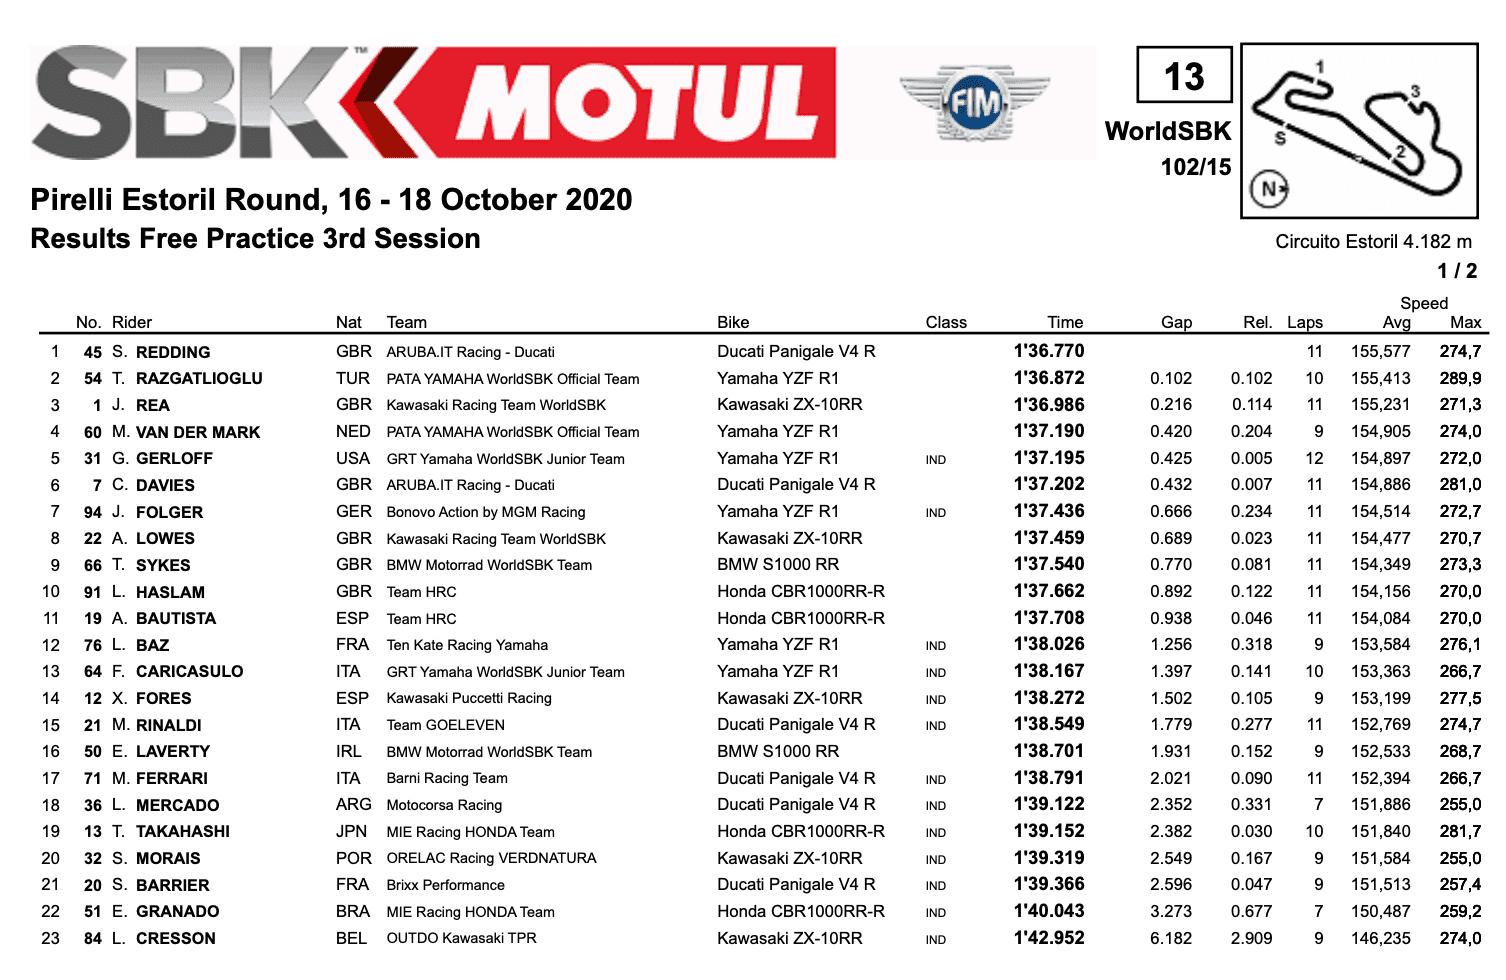 FIM スーパーバイク世界選手権(SBK)エストリル戦 FP3結果